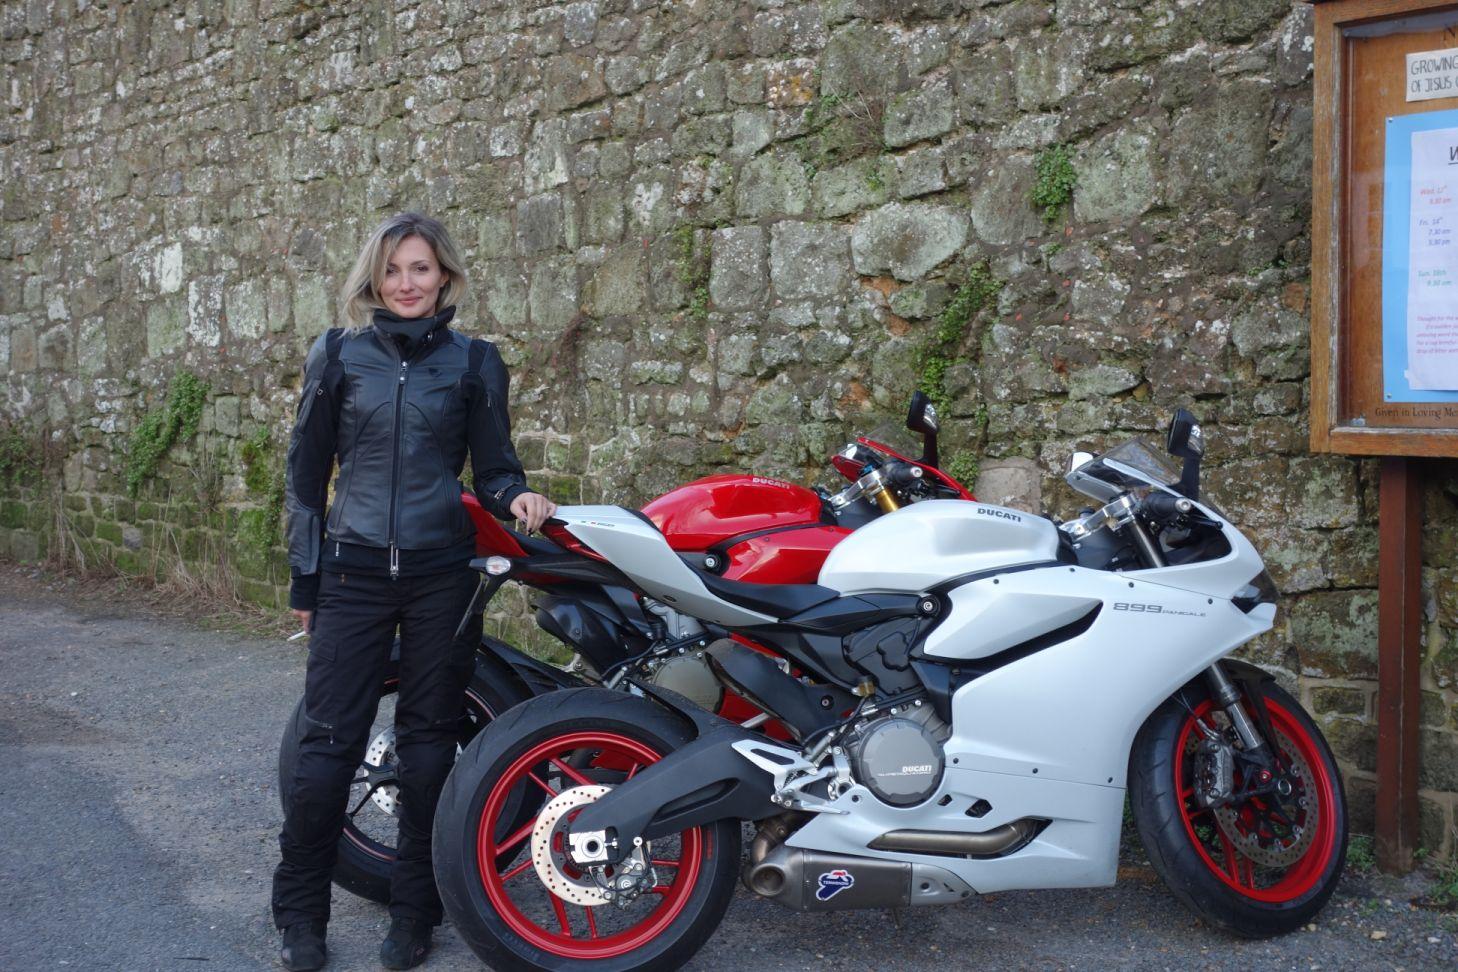 Women Who Ride: Italian rider Maria Dalla Colla with her Ducatis